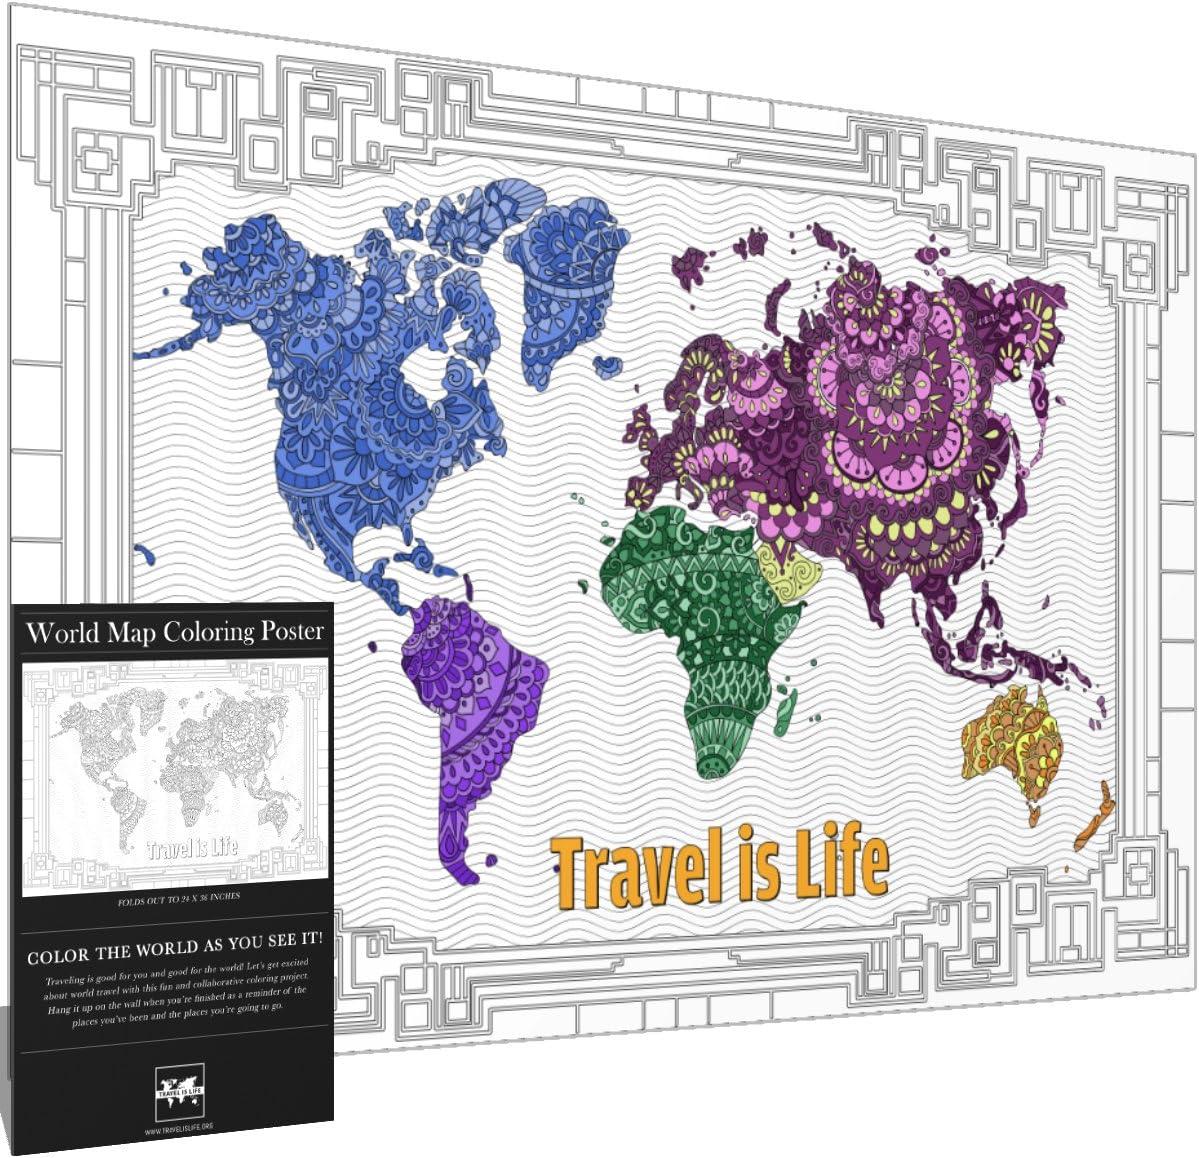 Travel is Life Póster X-Large con diseño de Mapa del Mundo para Colorear por Mandala Avanzada para niños y Adultos, 61 x 91 cm: Amazon.es: Hogar